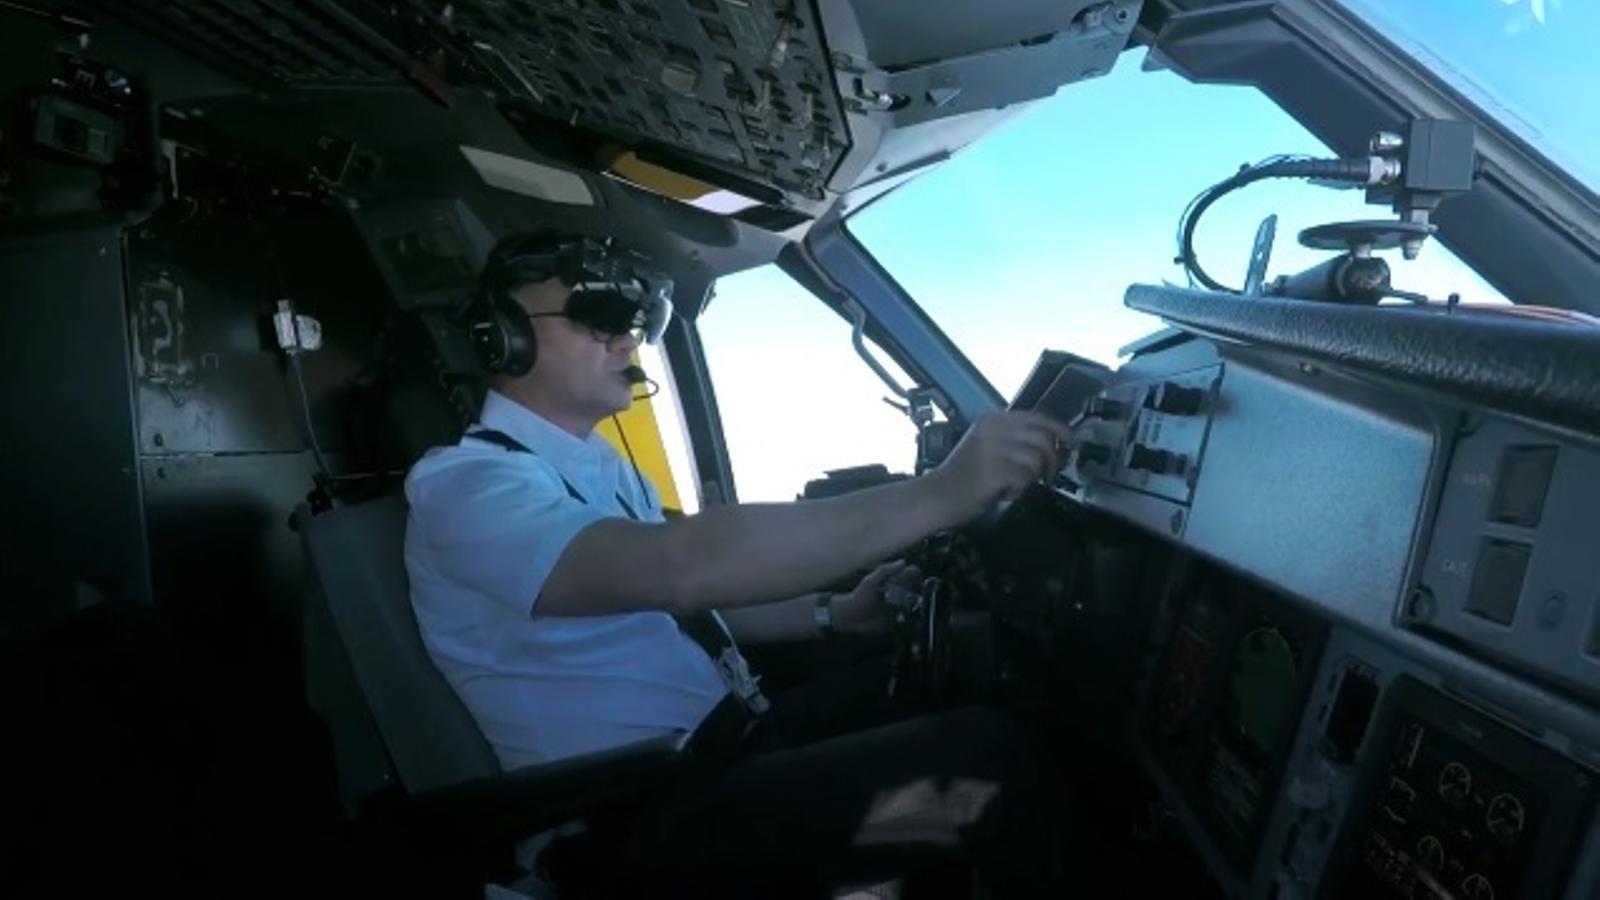 Un dels pilots que utilitza una nau d'ATR. / ATR